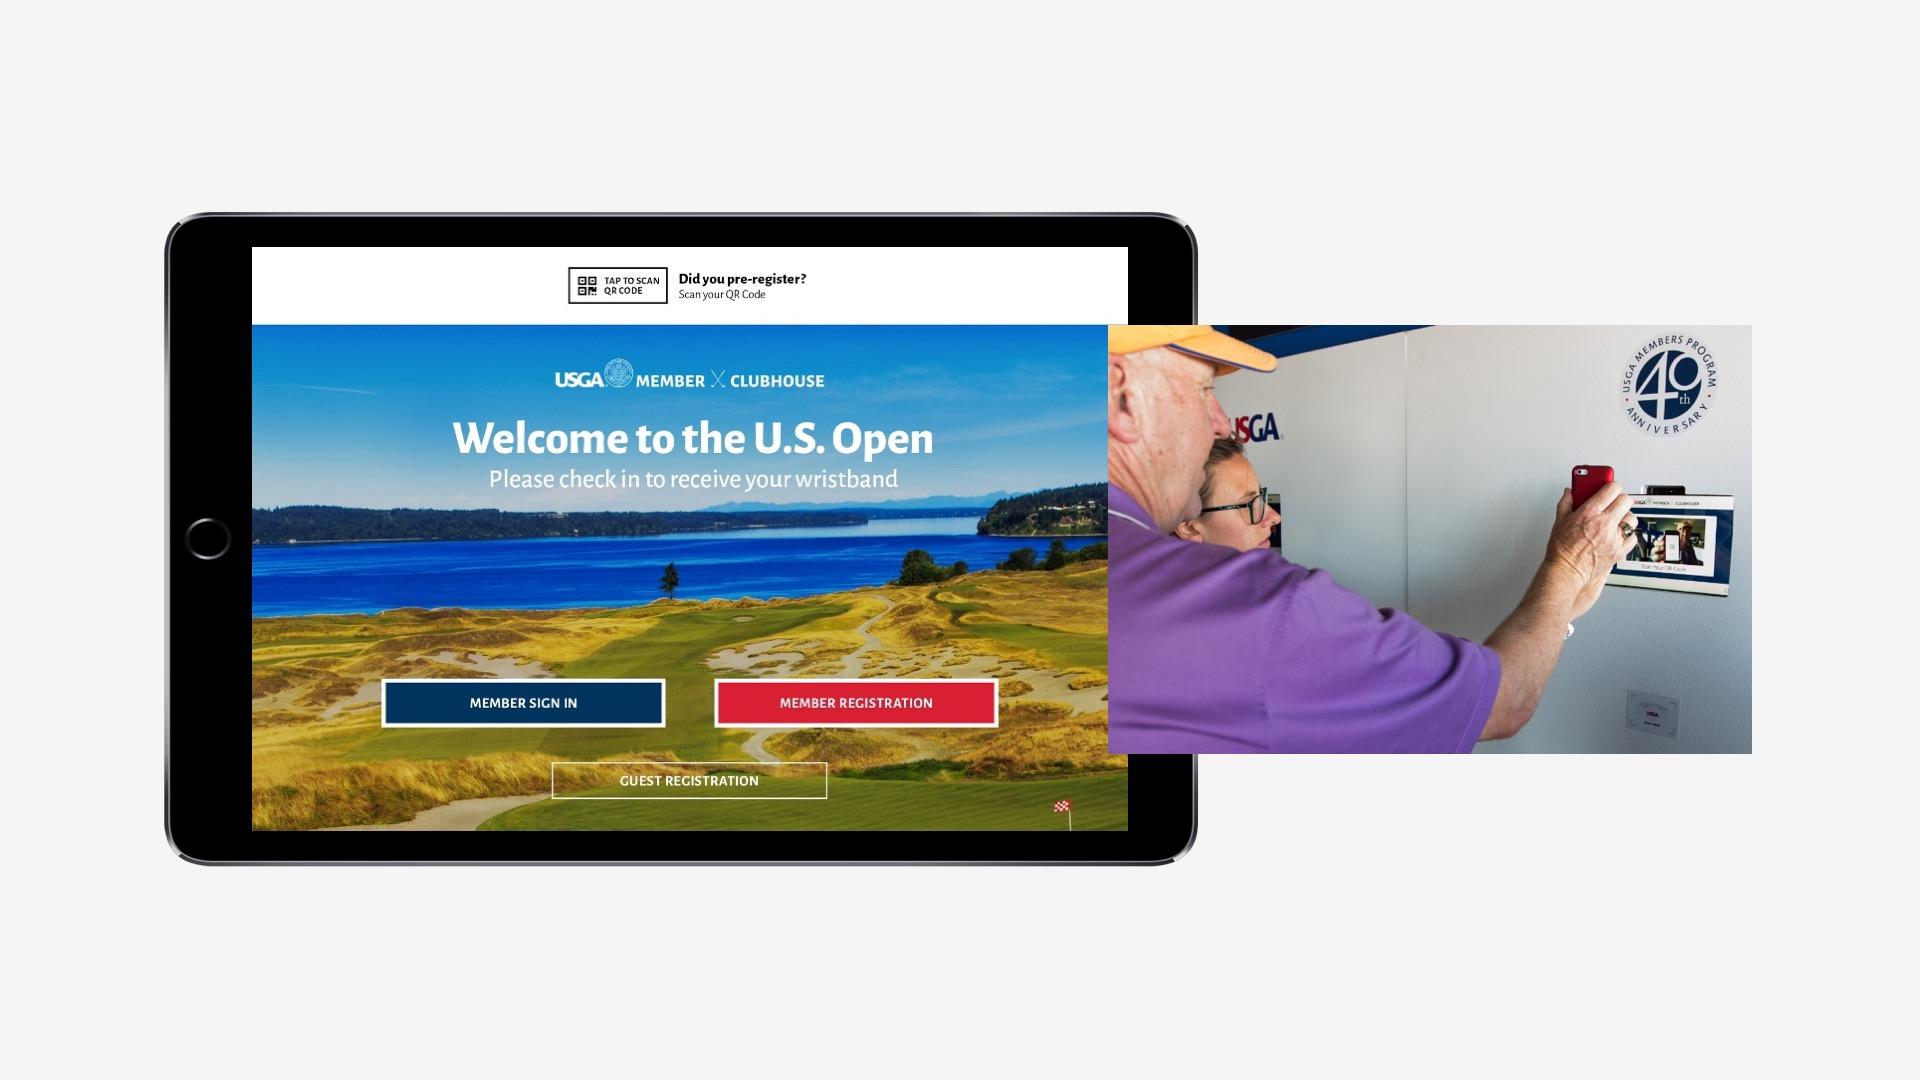 USGA: U.S. Open Member Kiosk App